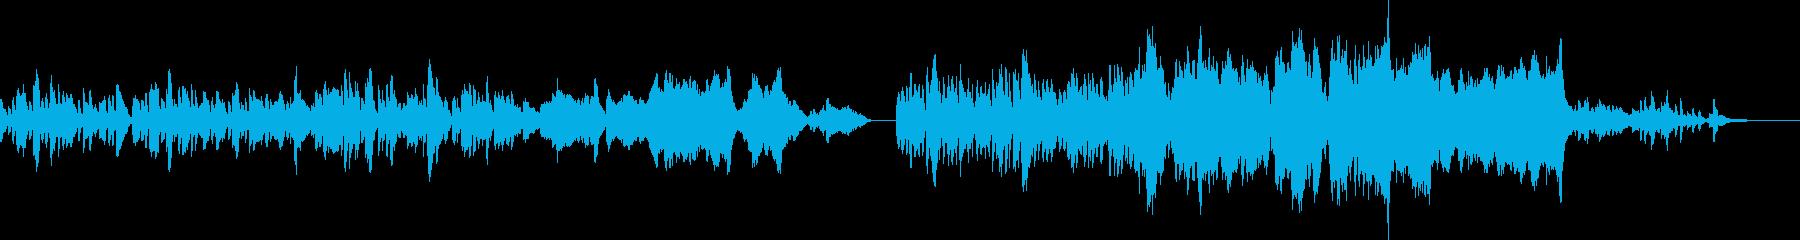 明るく弾むようなPV映像にの再生済みの波形